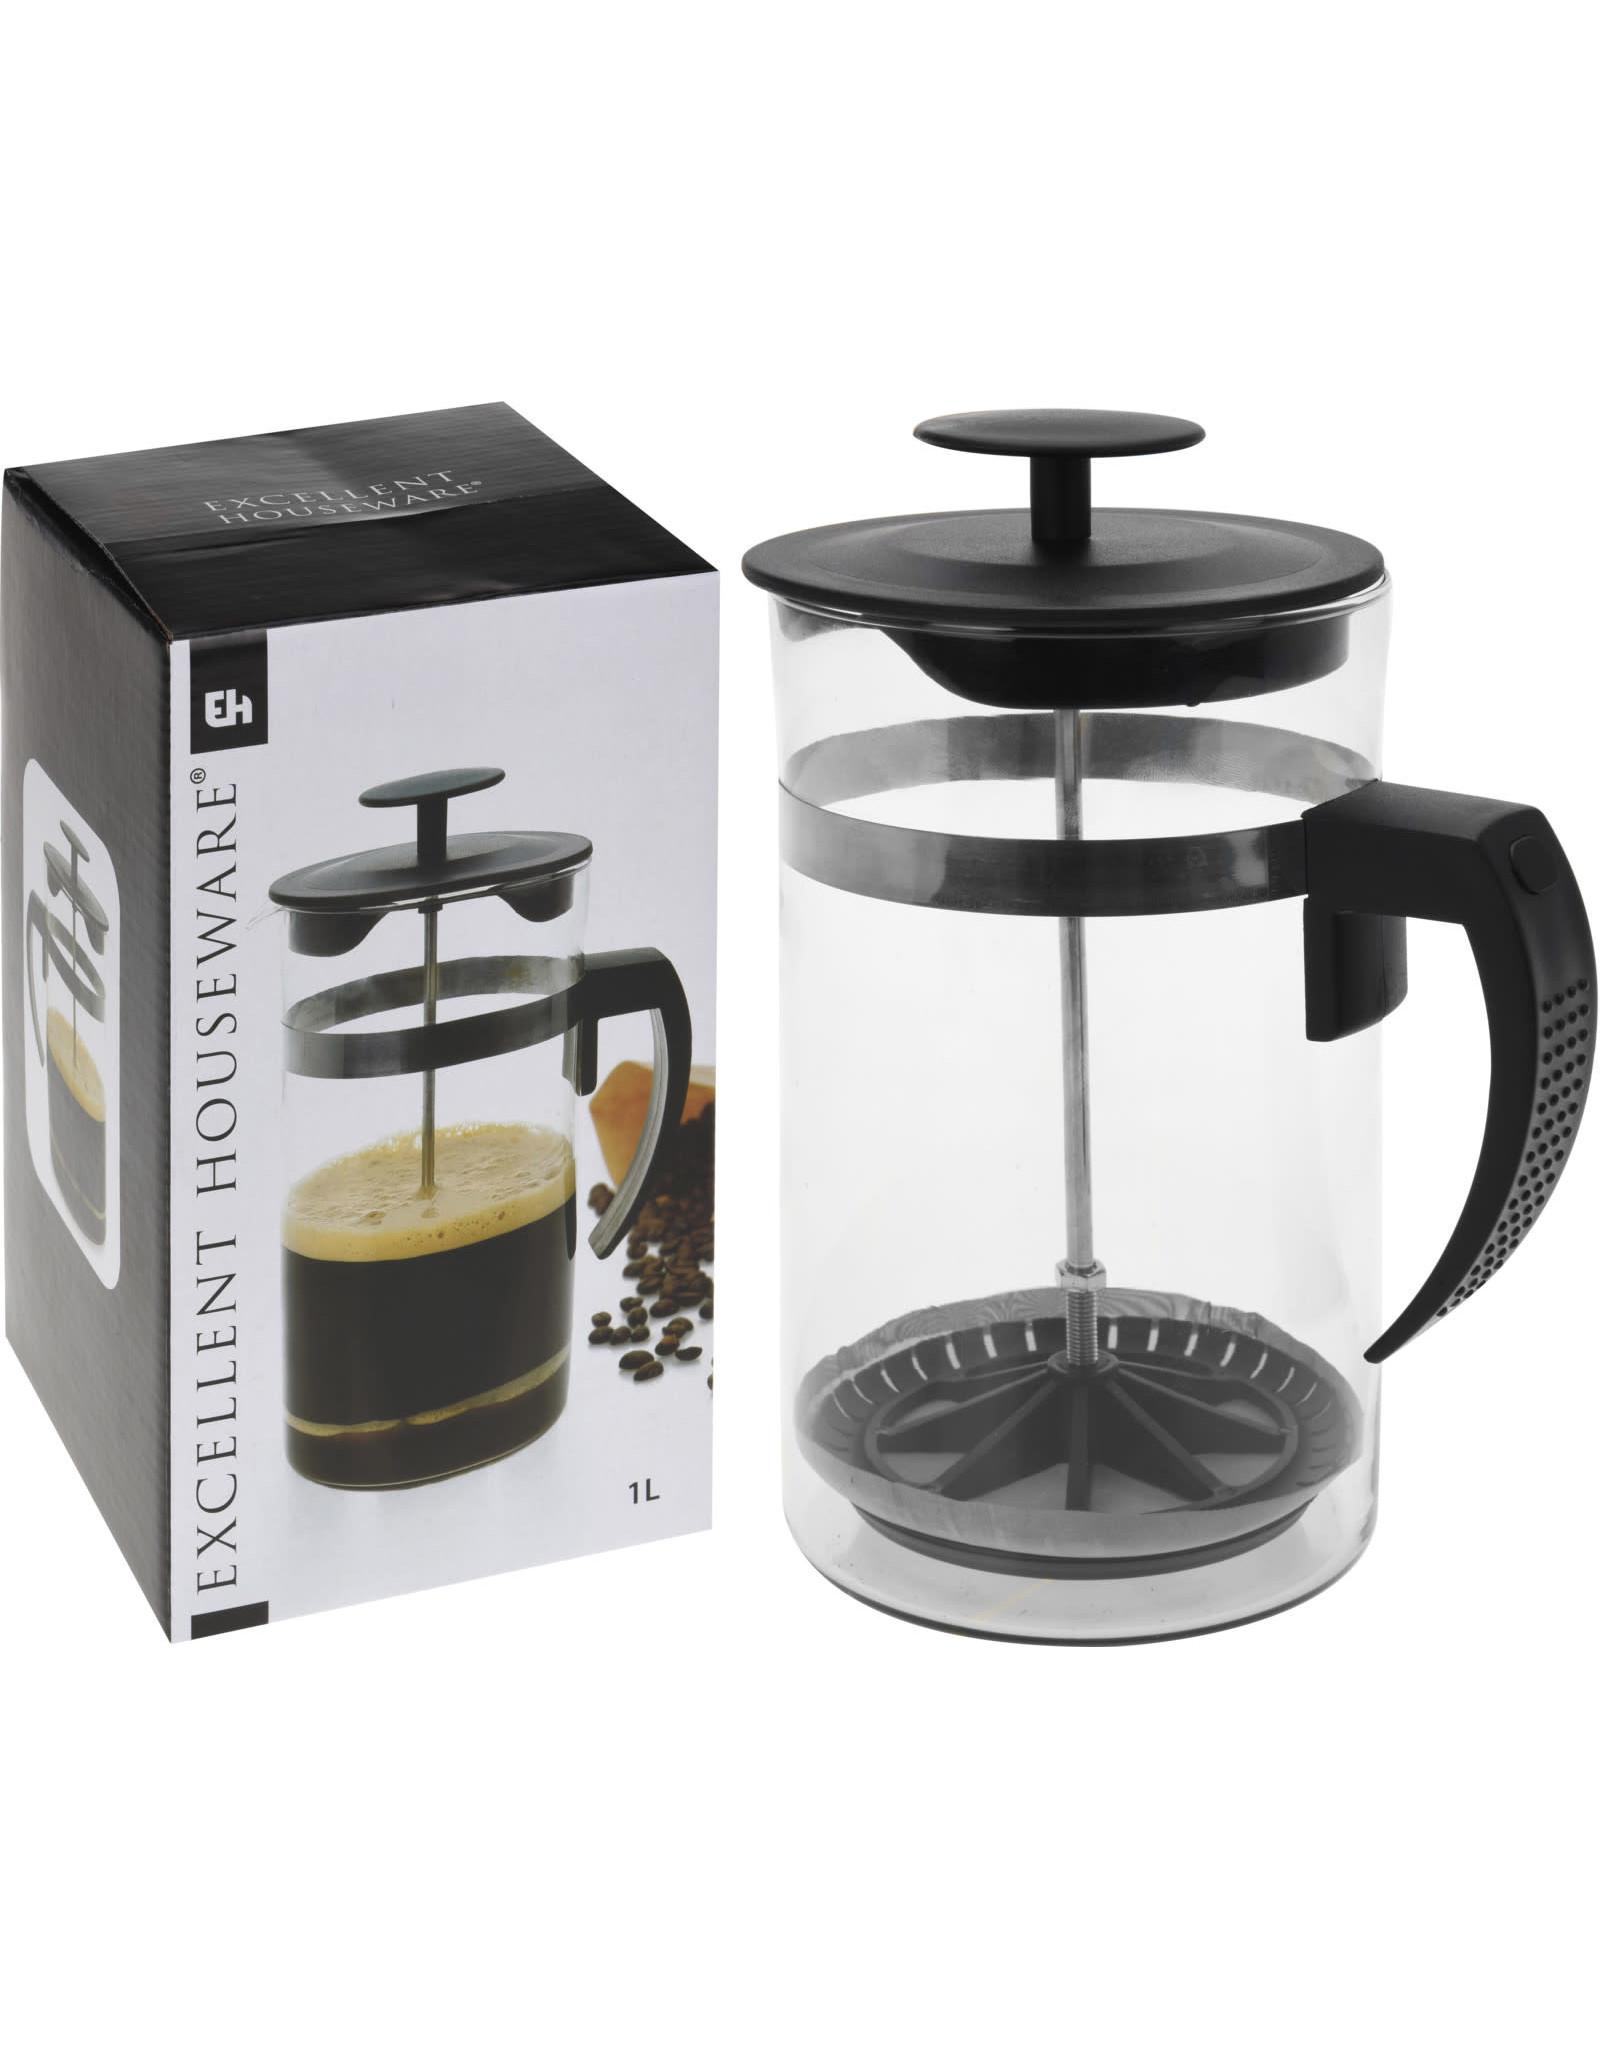 Koopman Coffee Maker Glass 1Ltr